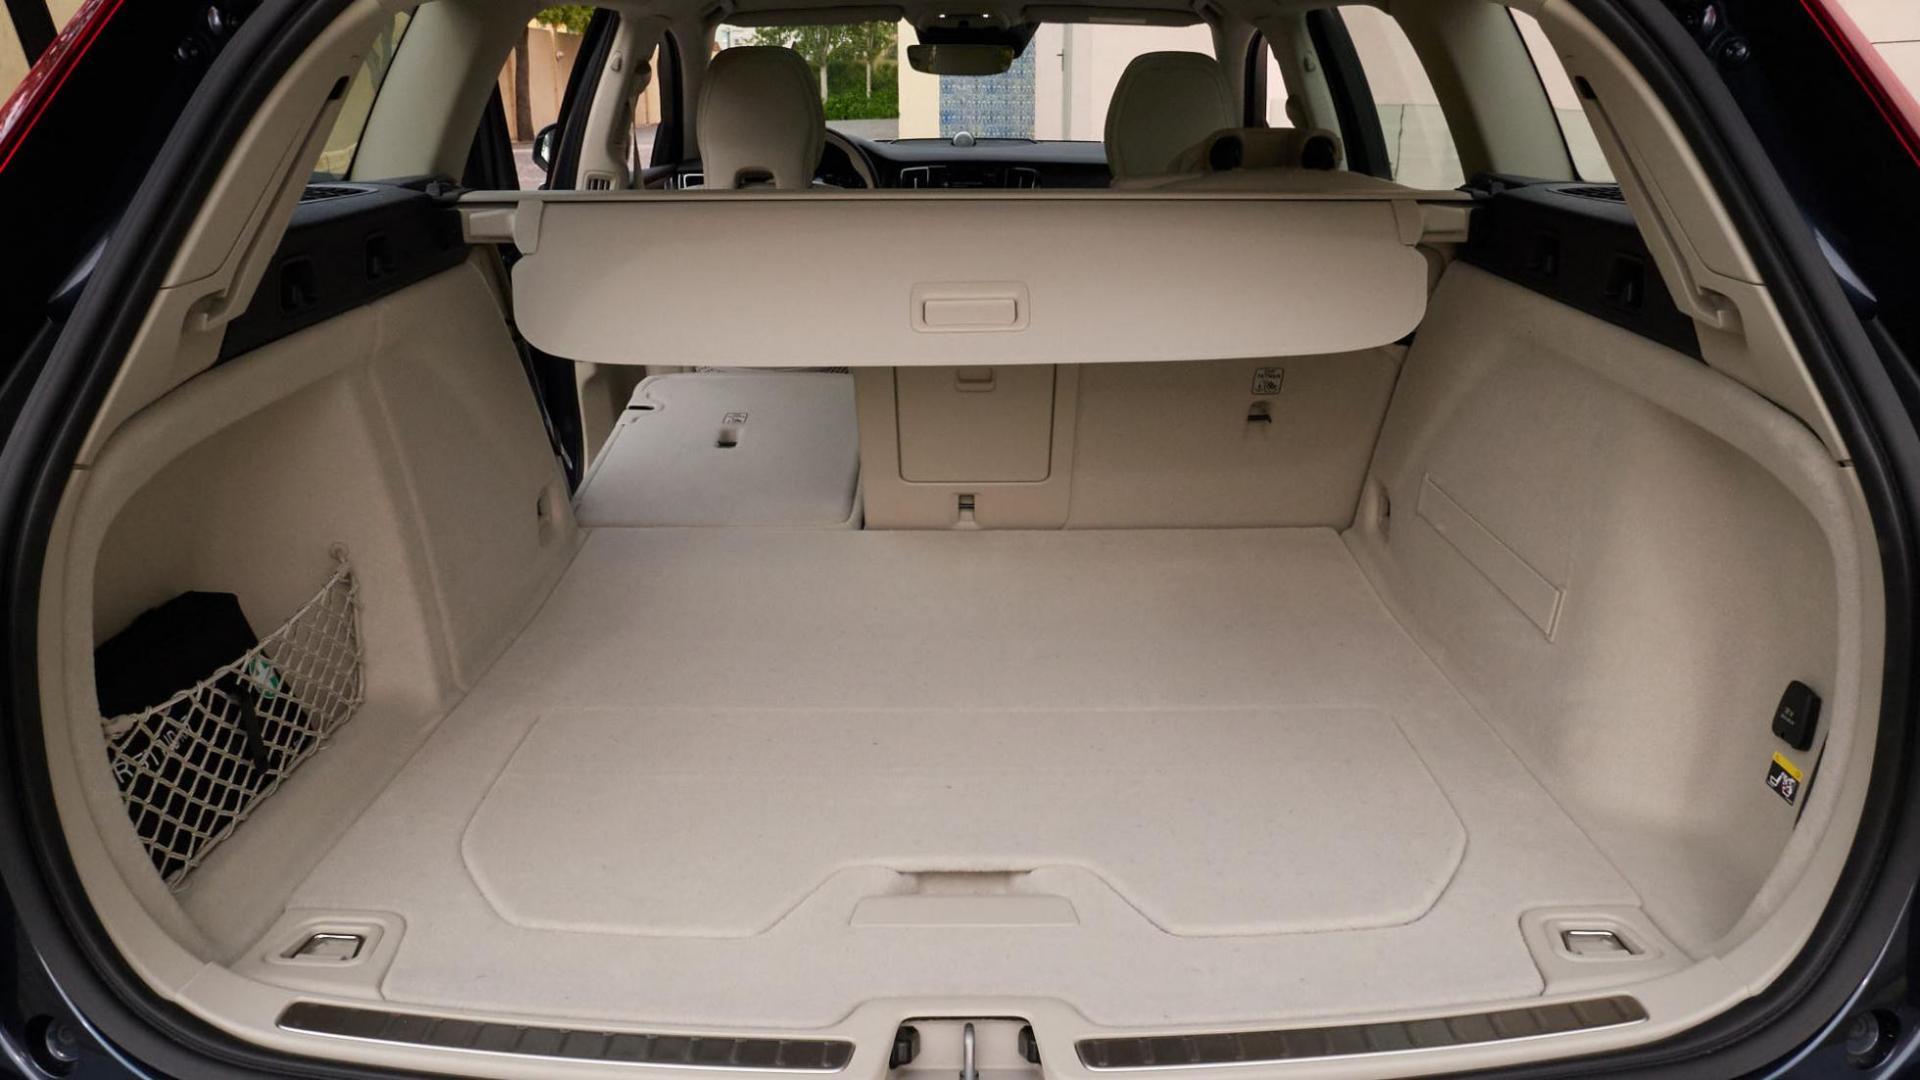 Volvo V60 interieur 5